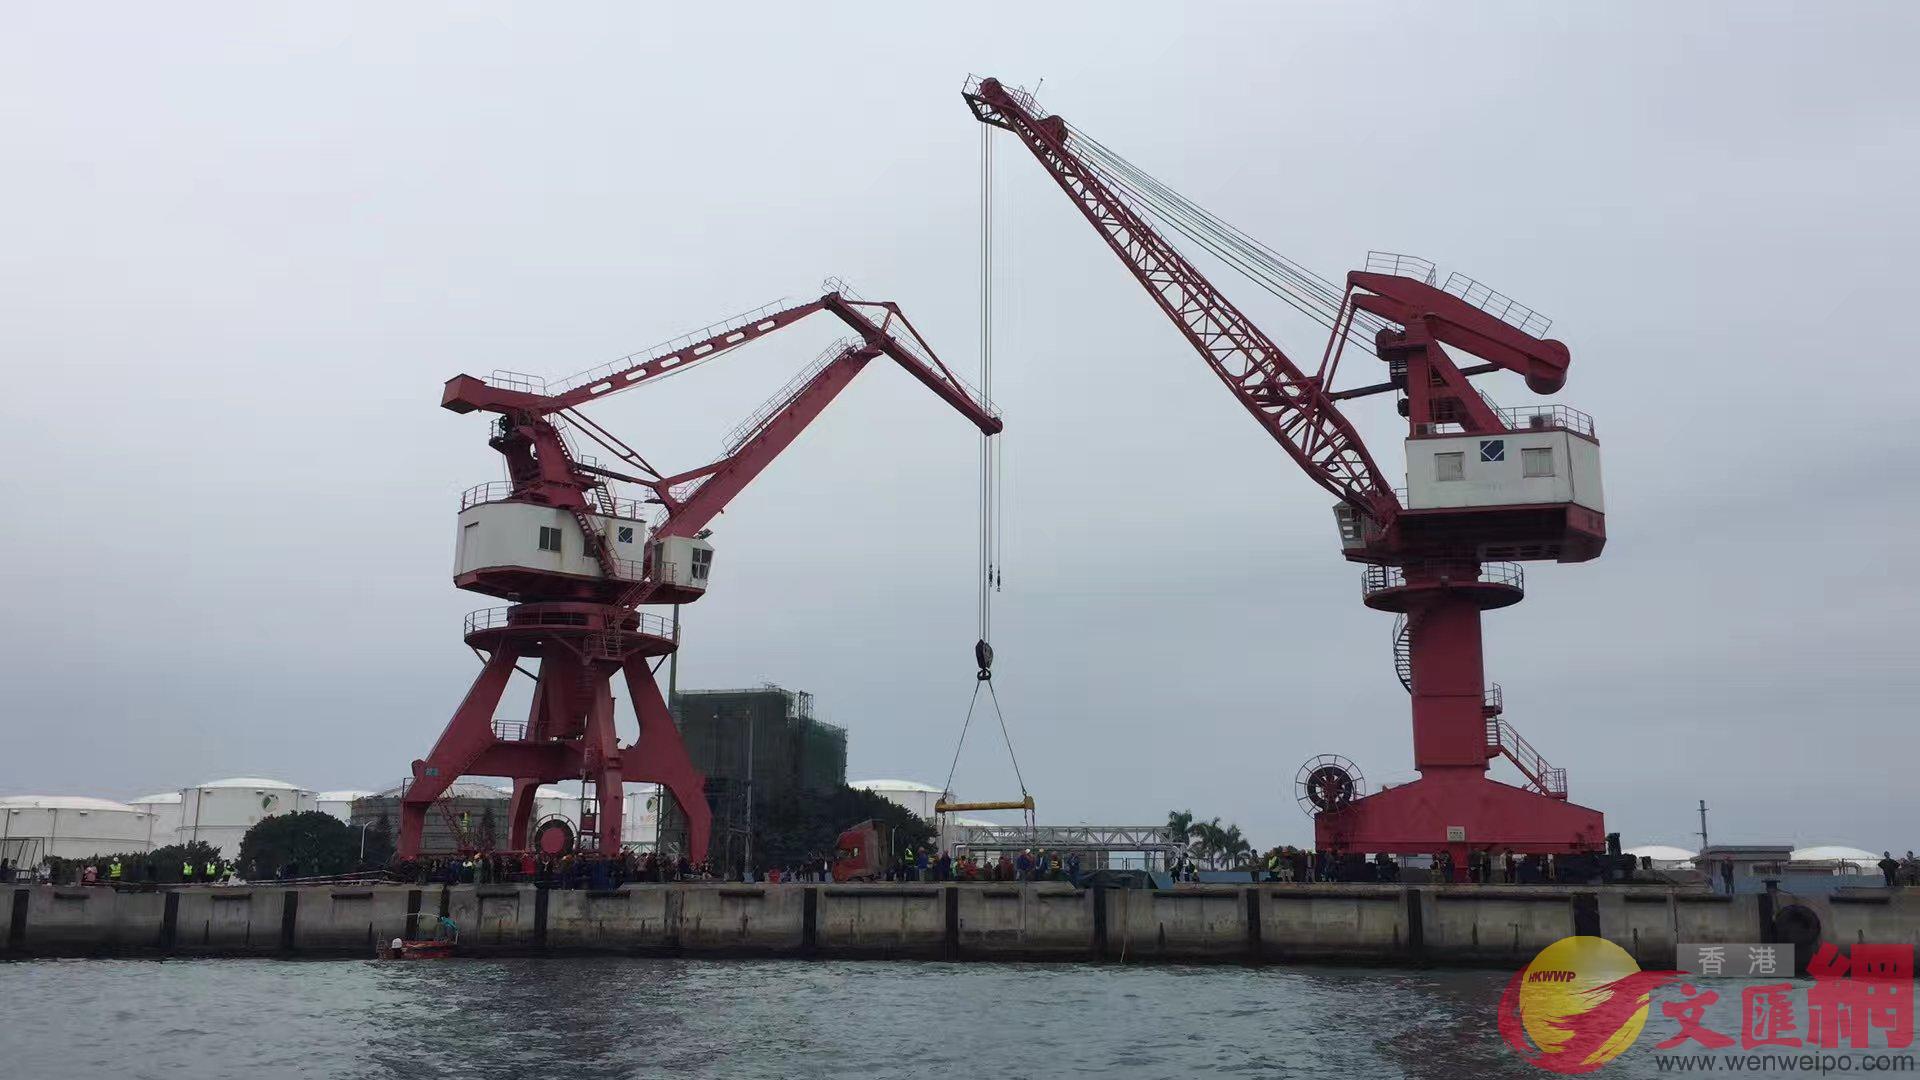 兩台吊塔起吊抹香鯨 記者郭若溪攝